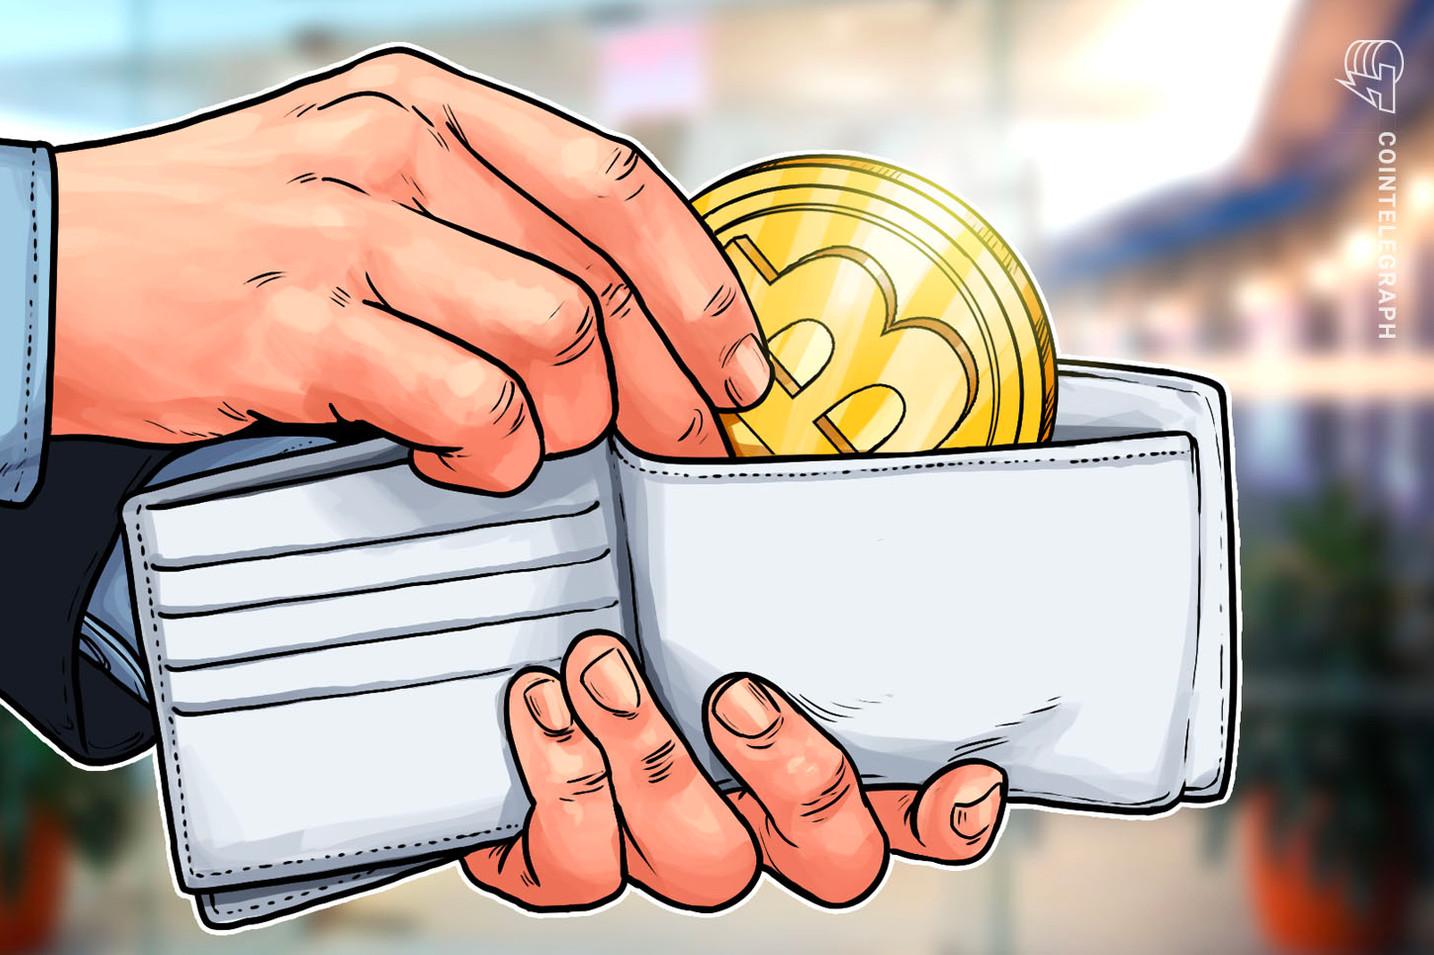 Número de wallets com pelo menos 1 BTC cresce, atinge recorde e sugere aumento na adoção do ativo